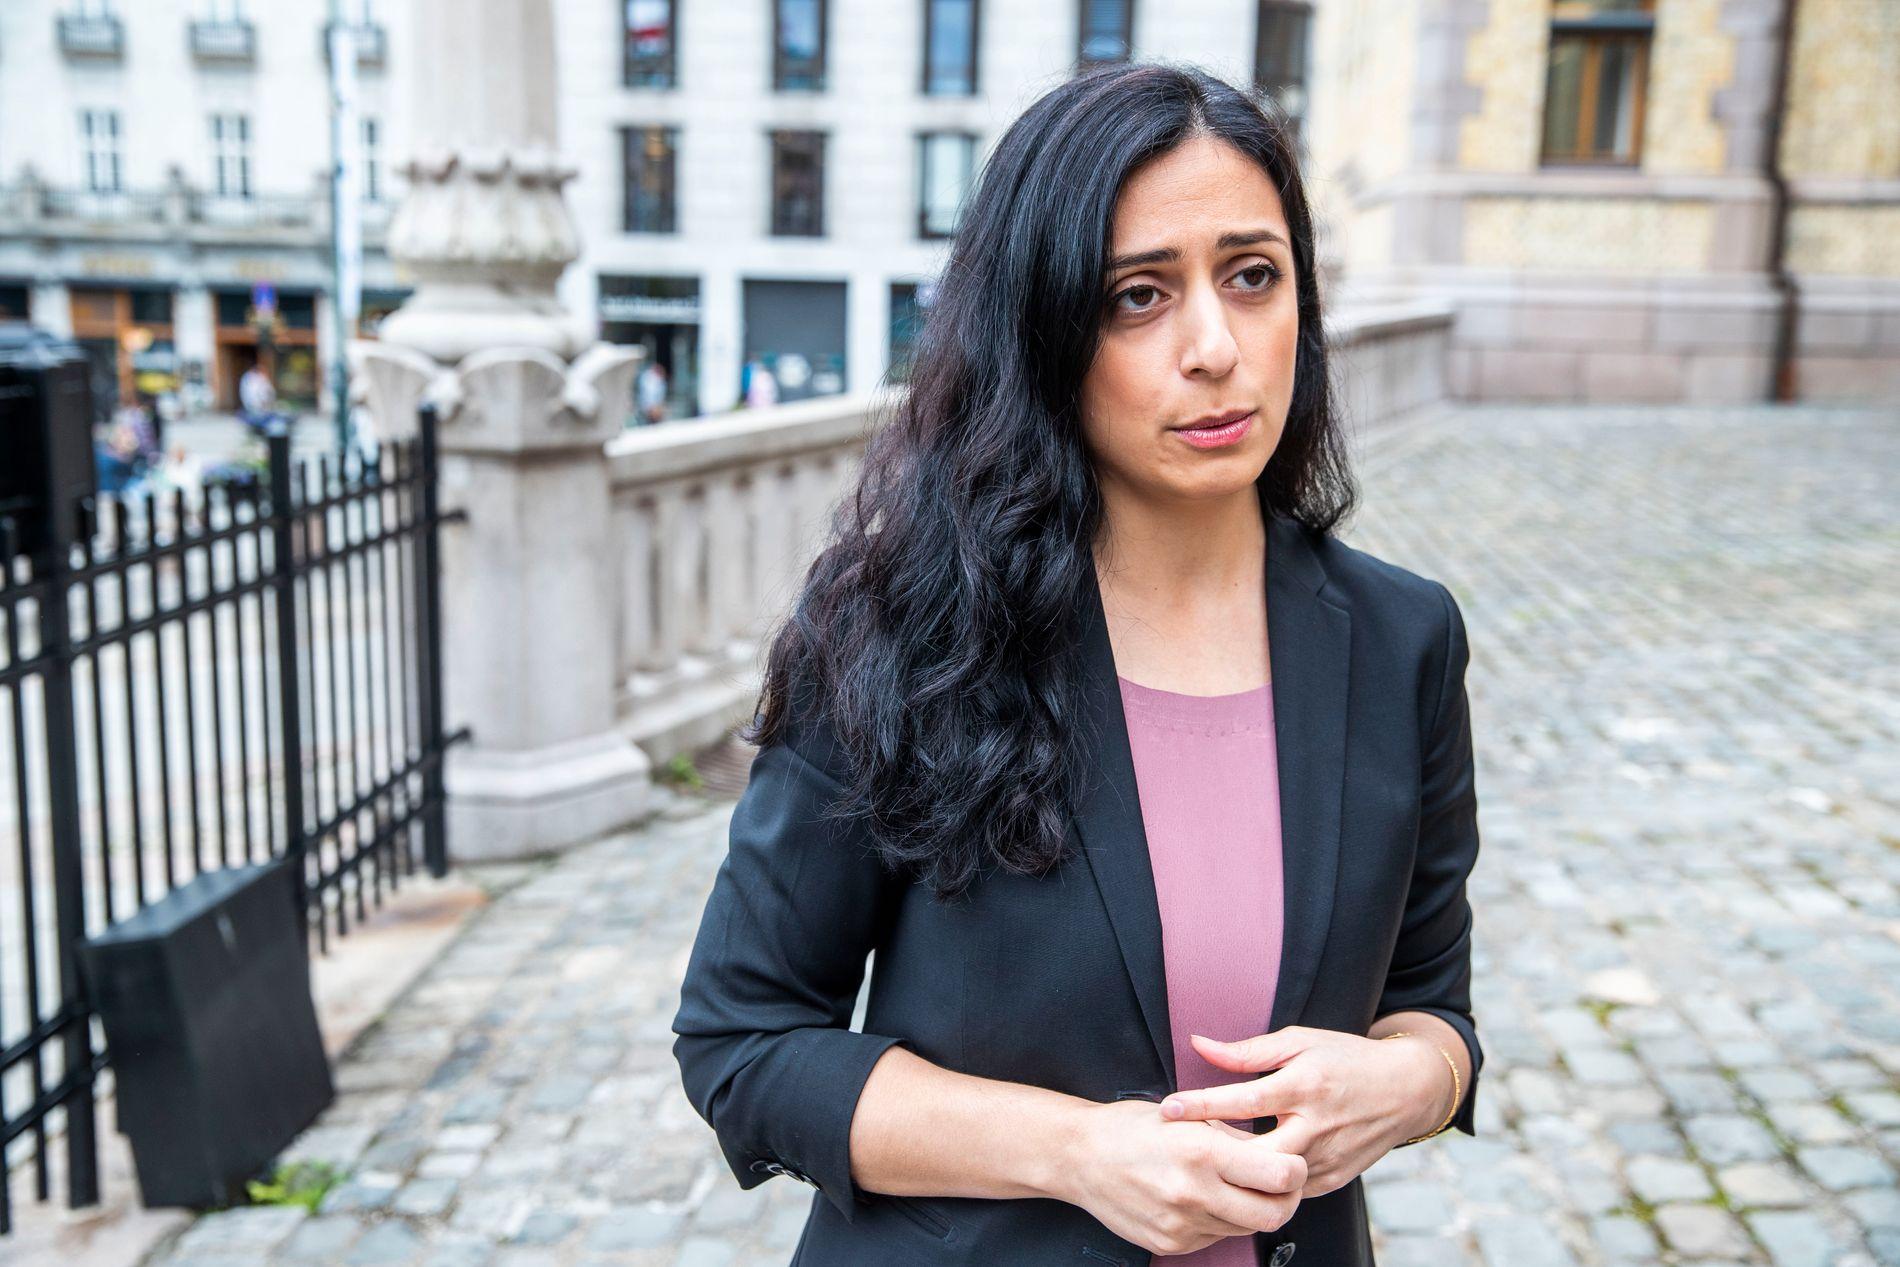 Aps nestleder Hadia Tajik ønsker å gi politiet større fullmakter i kampen mot netthets.